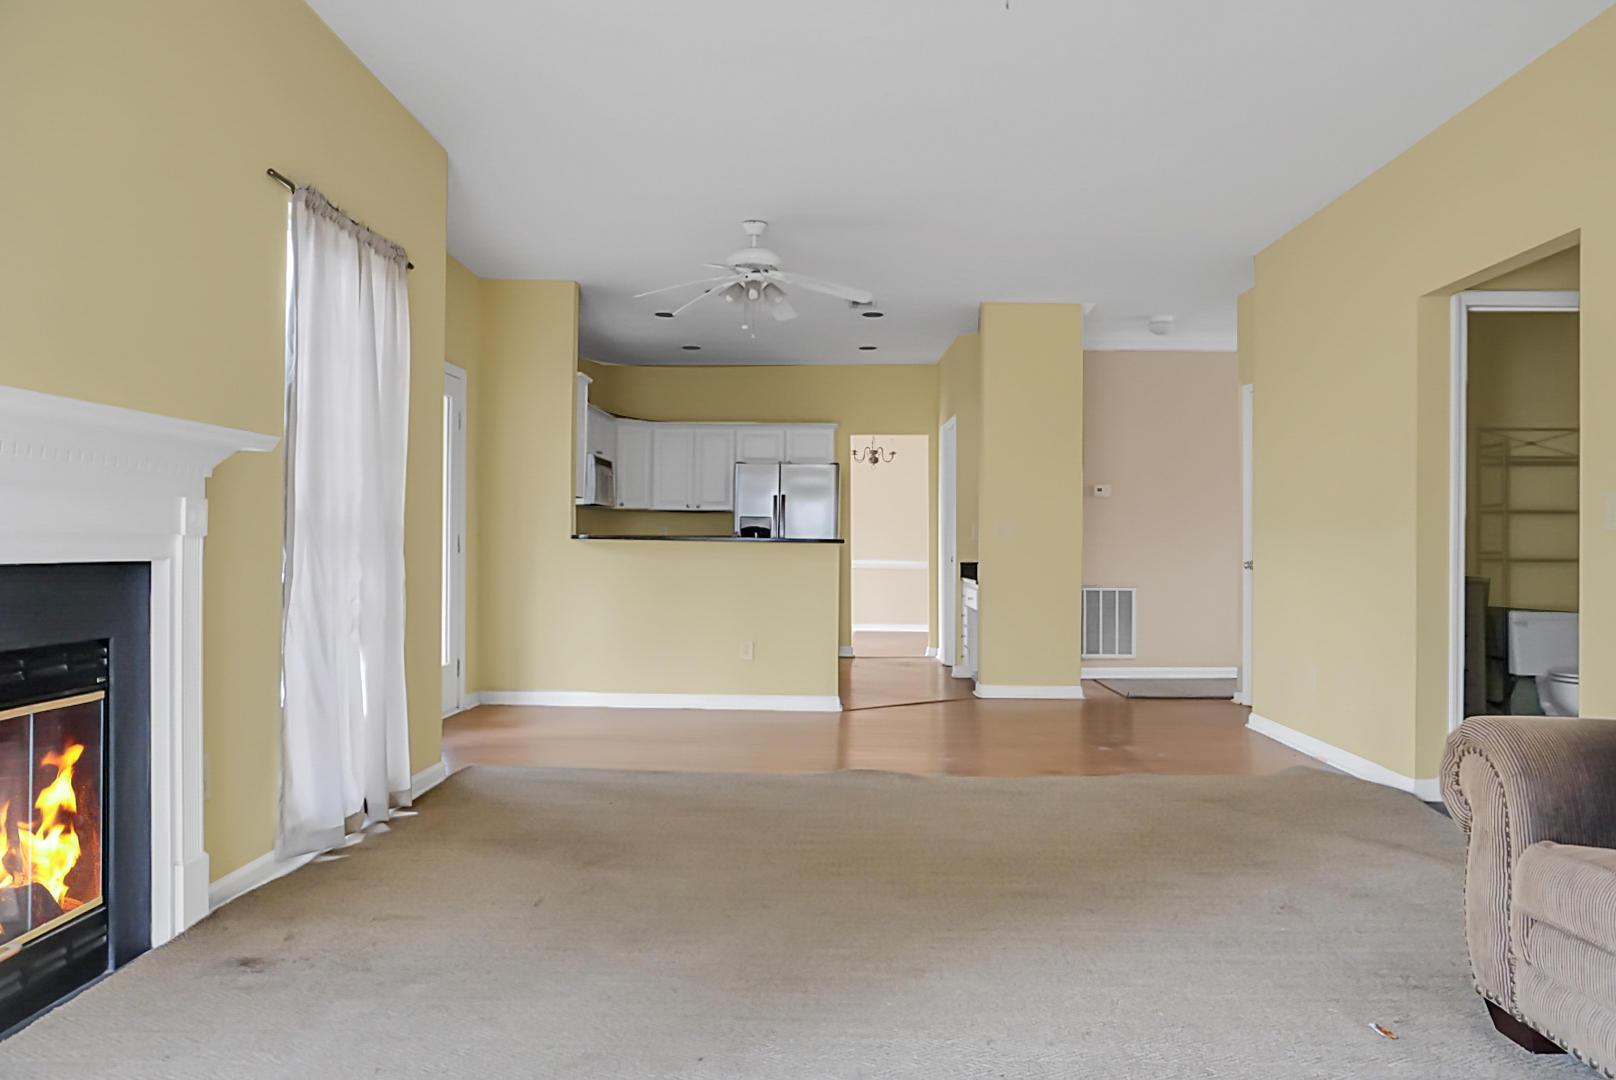 Dunes West Homes For Sale - 3209 Carmel Bay, Mount Pleasant, SC - 29